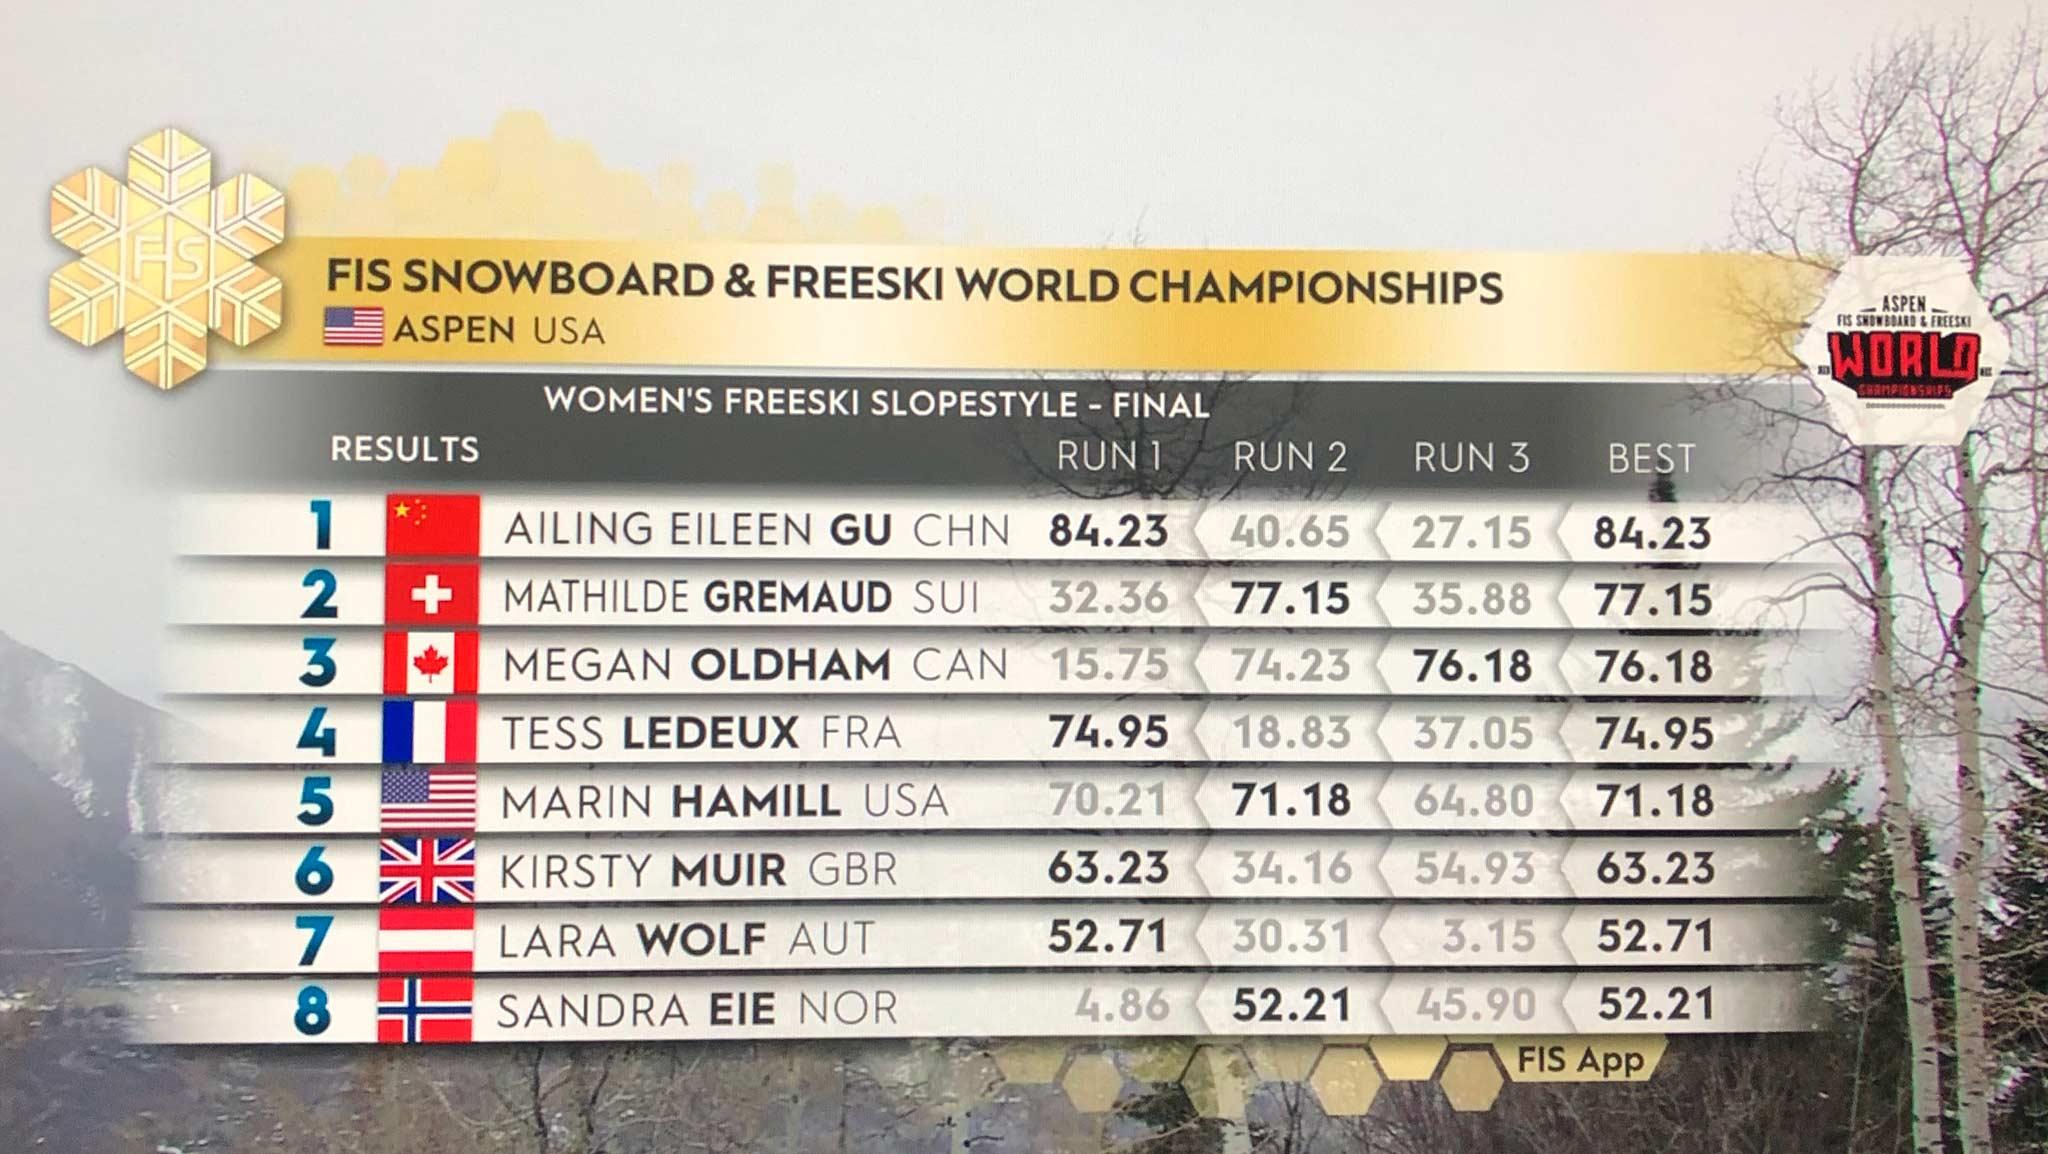 Das Ergebnis der Frauen vom Slopestyle Finale bei der Freeski Weltmeisterschaft 2021 in Aspen, Colorado.